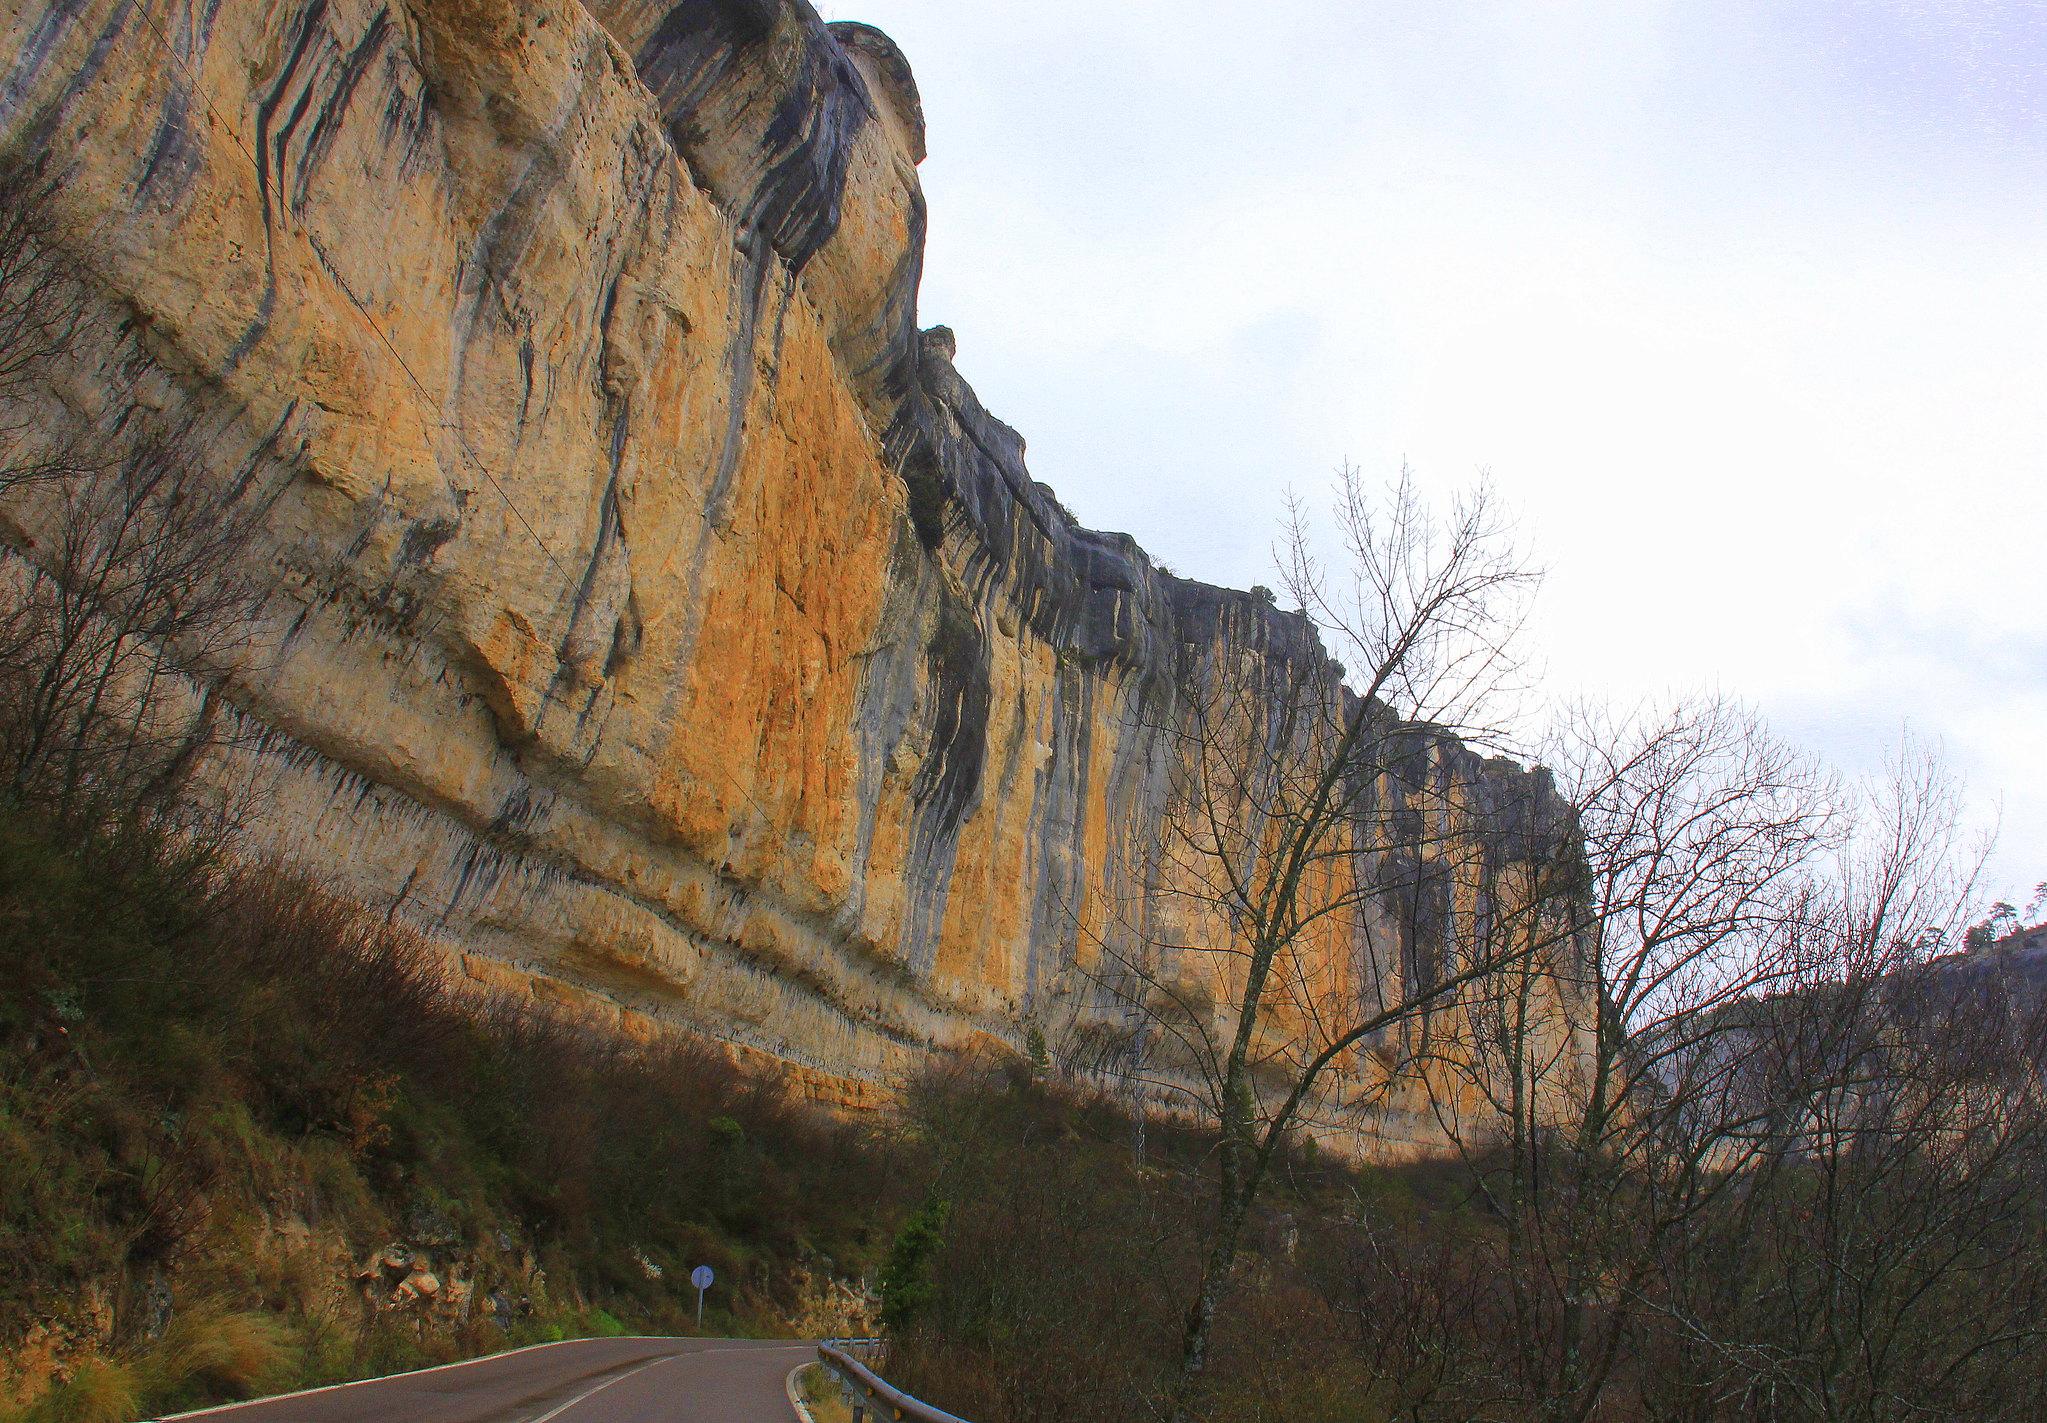 Central Spain highlands